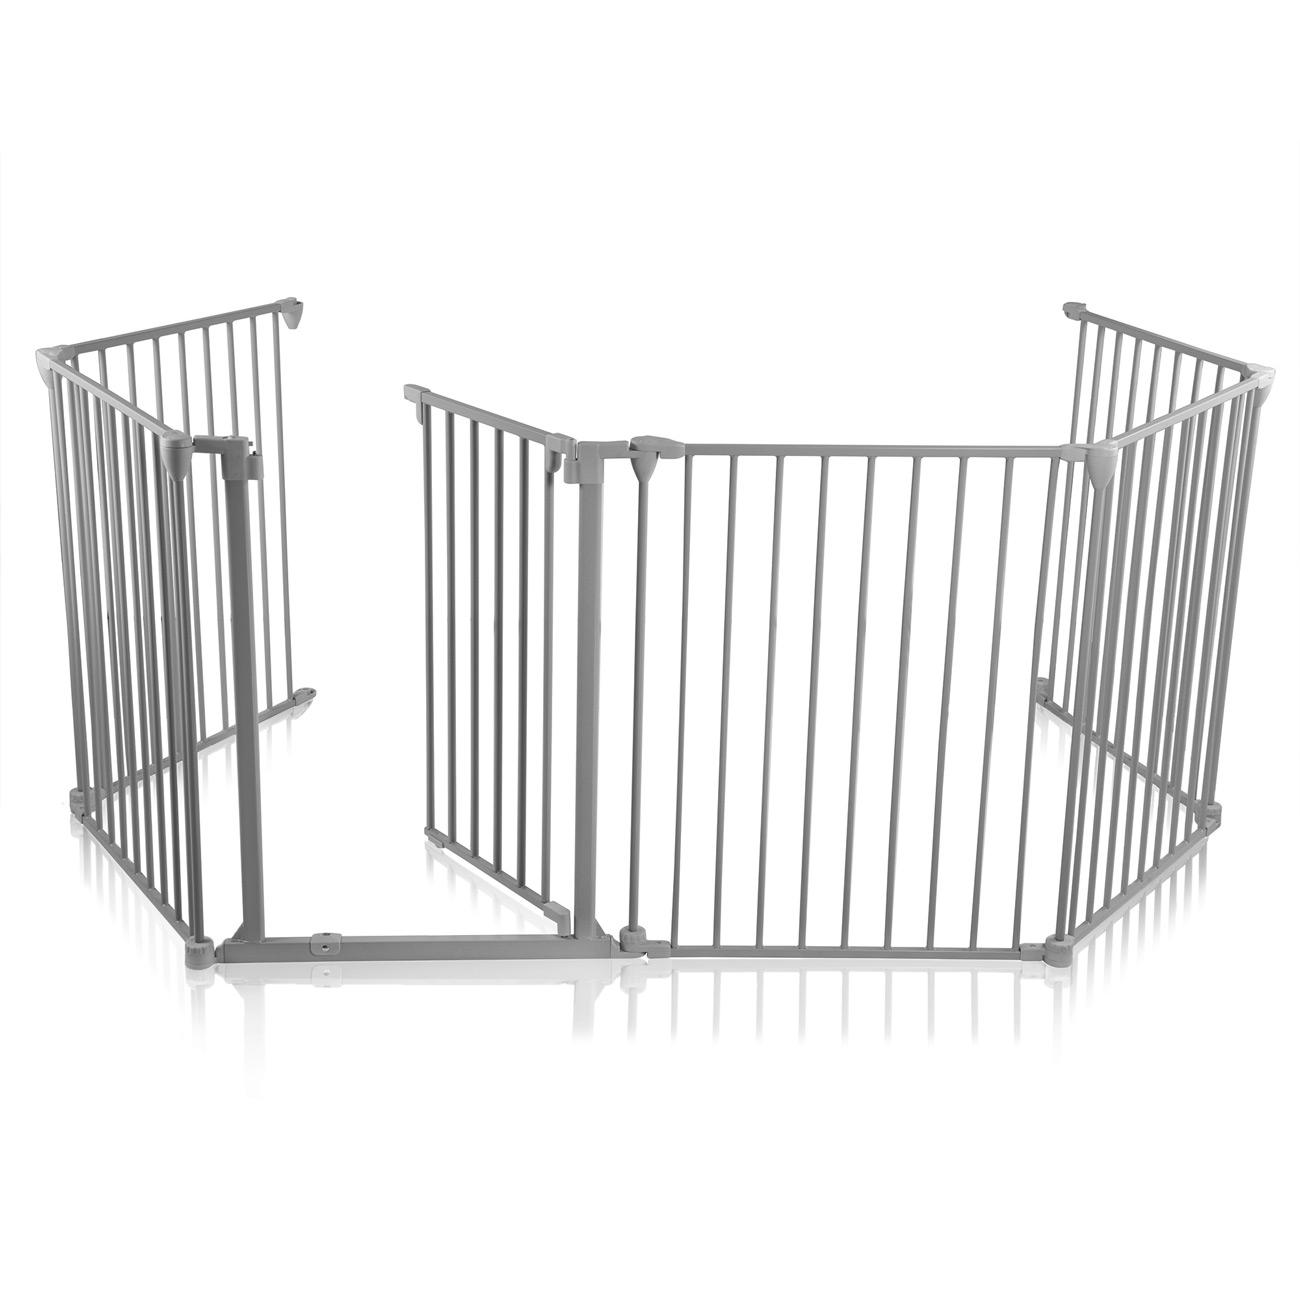 baby vivo barri re parc en m tal grille pour chemin e 5 1 securit enfant en gris 5 barreaux. Black Bedroom Furniture Sets. Home Design Ideas